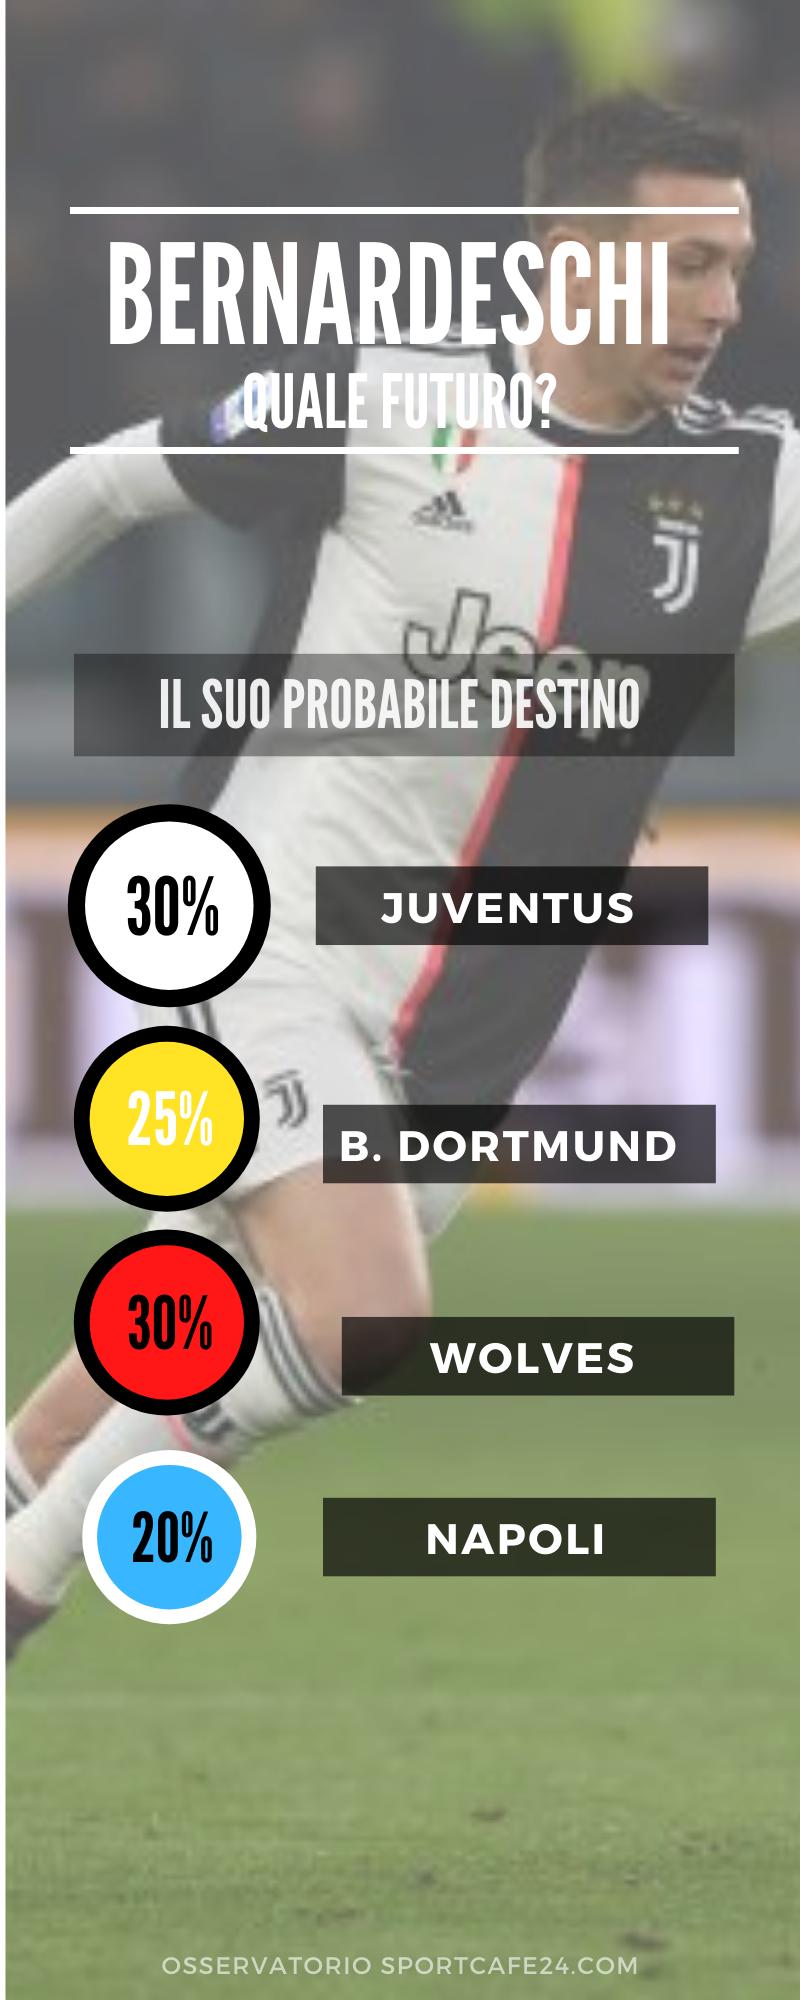 Infografica Bernardeschi